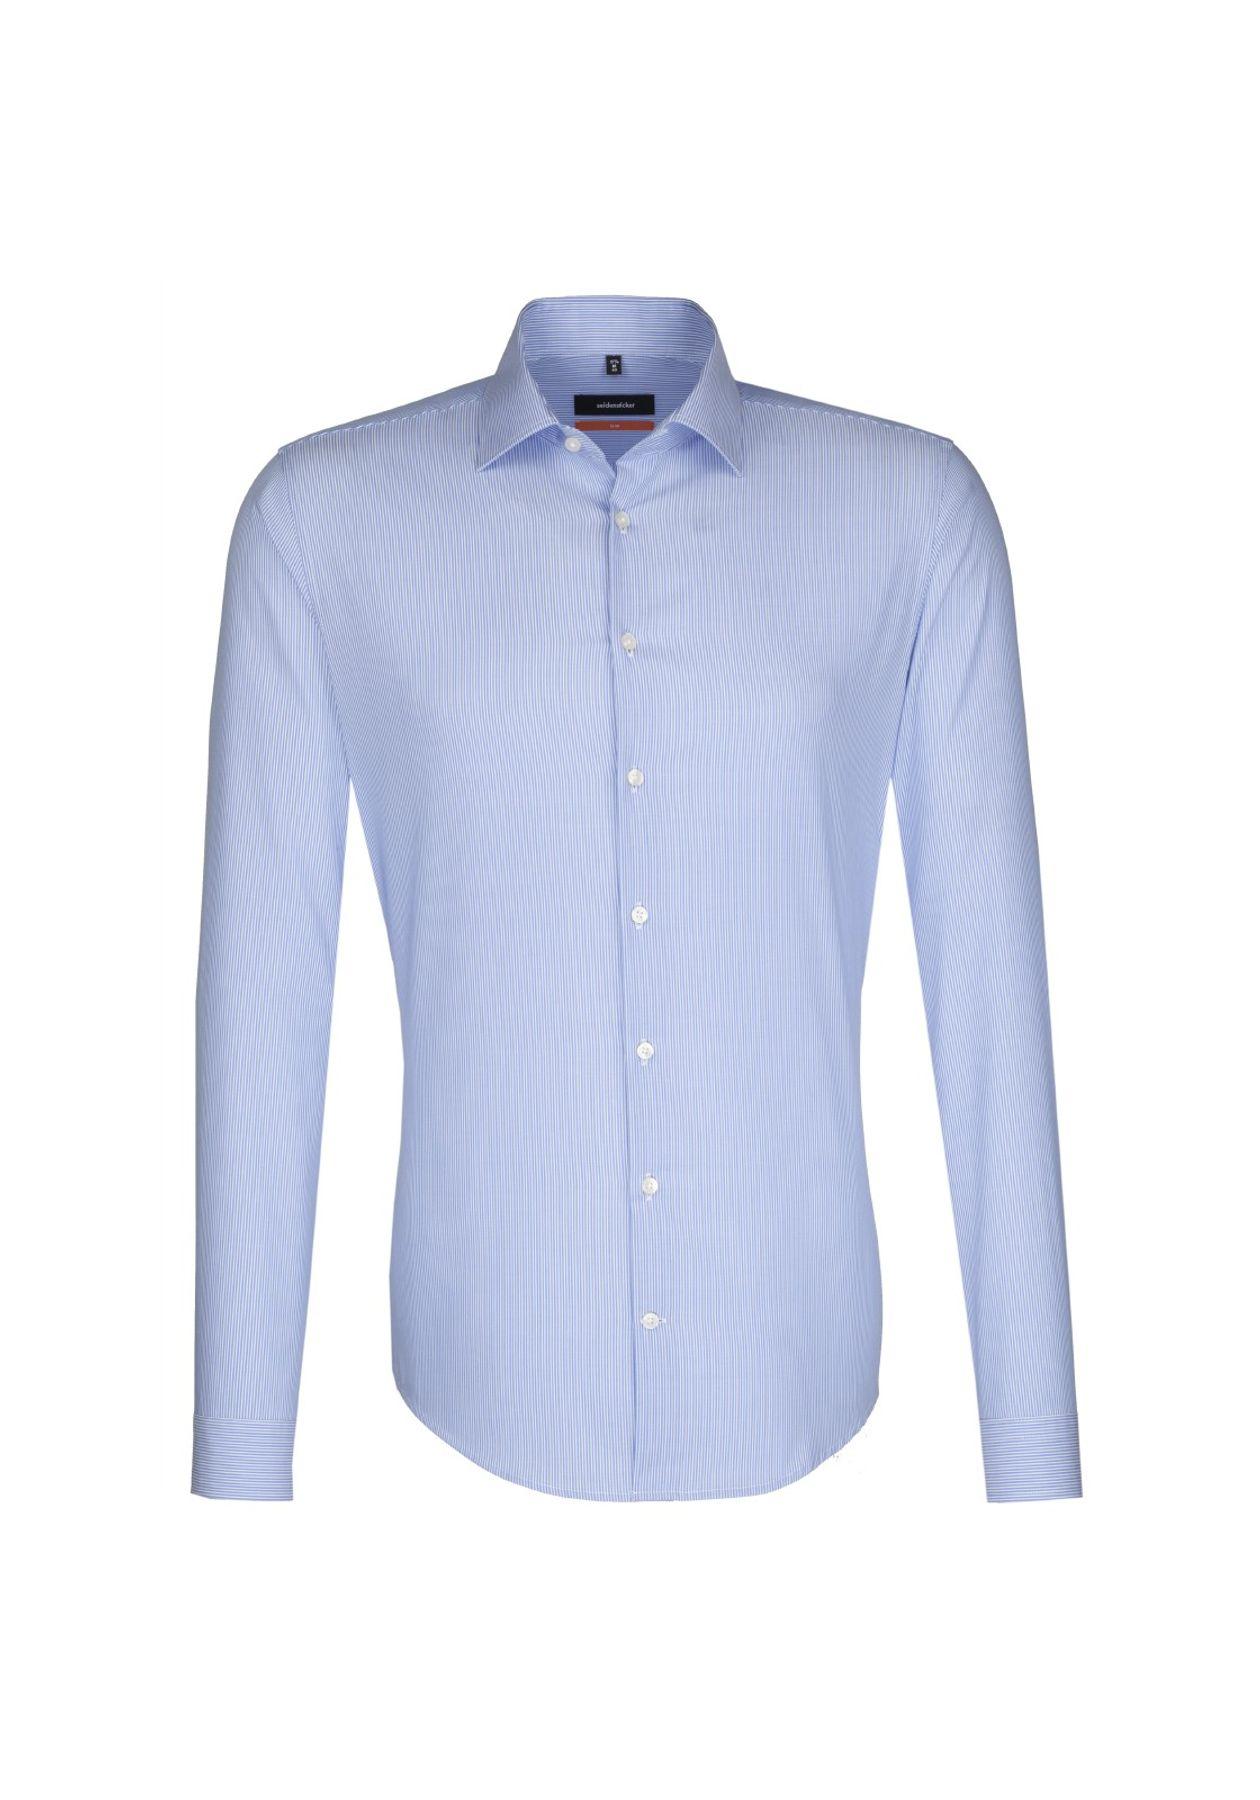 Seidensticker - Herren Hemd, Bügelfrei, Slim, Schwarze Rose mit Kent Kragen in Blau (01.676140) – Bild 1